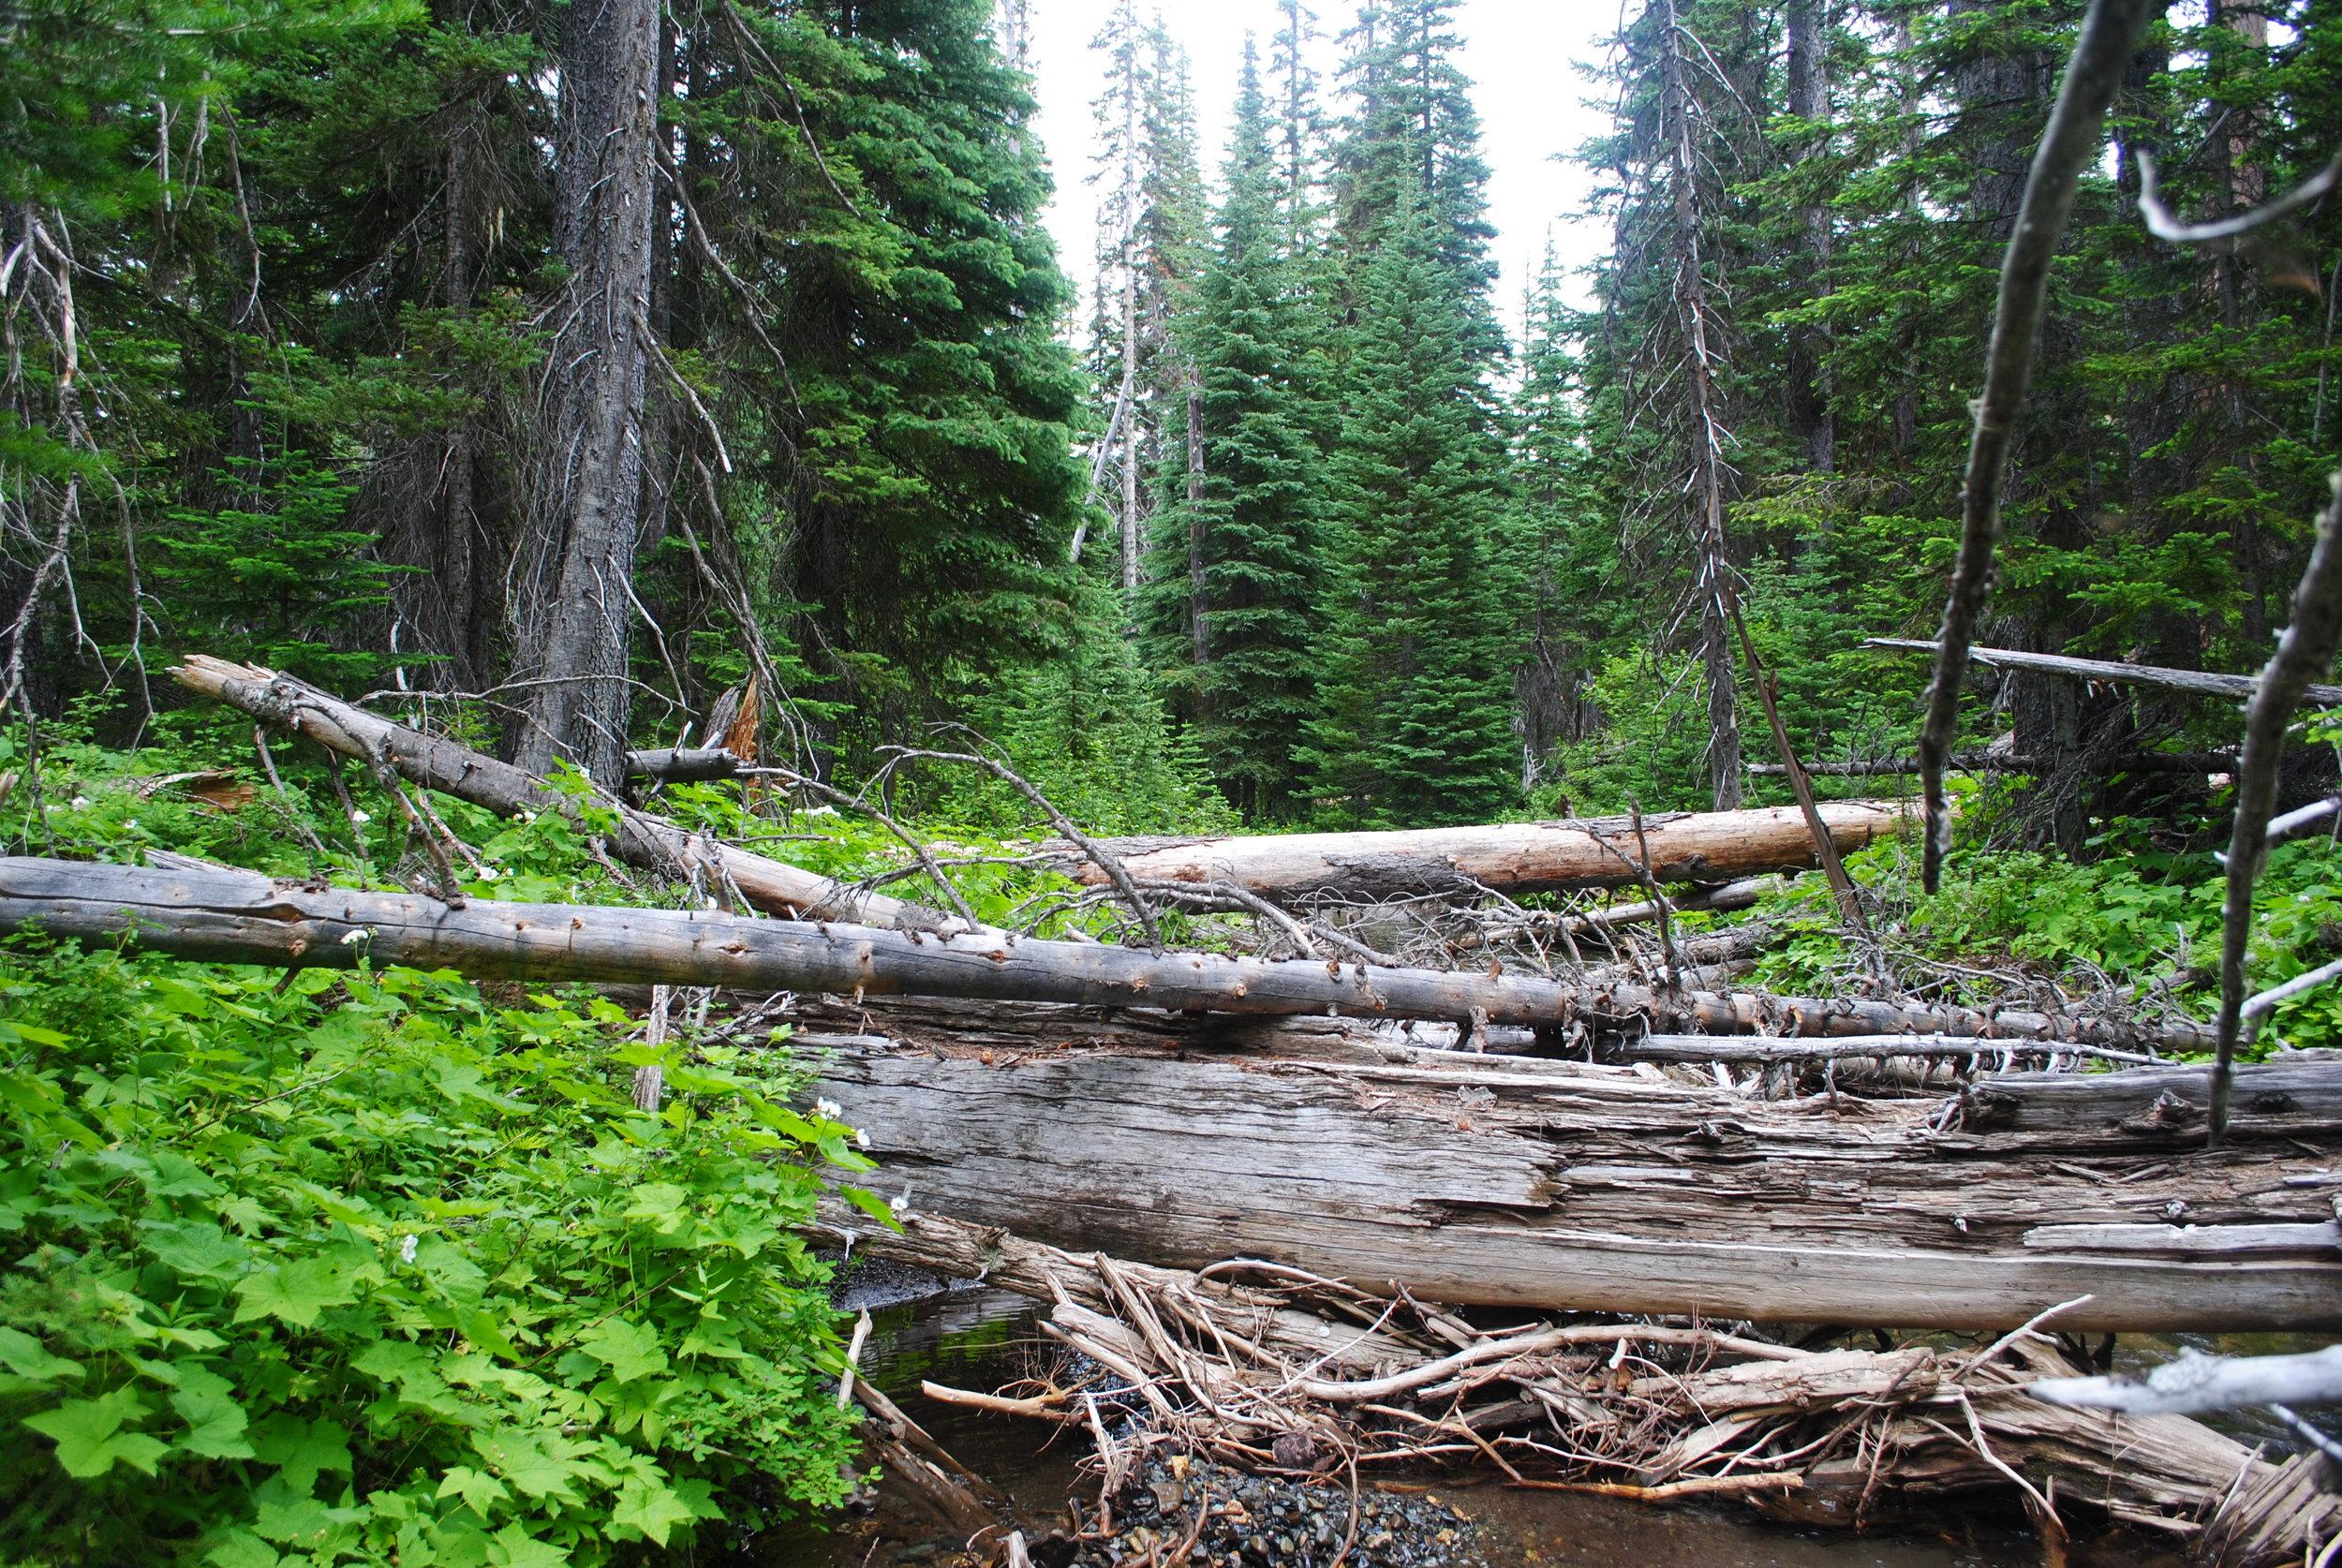 A log jam in the Central Cascades. Photo ©Zoe van Duivenbode / TNC